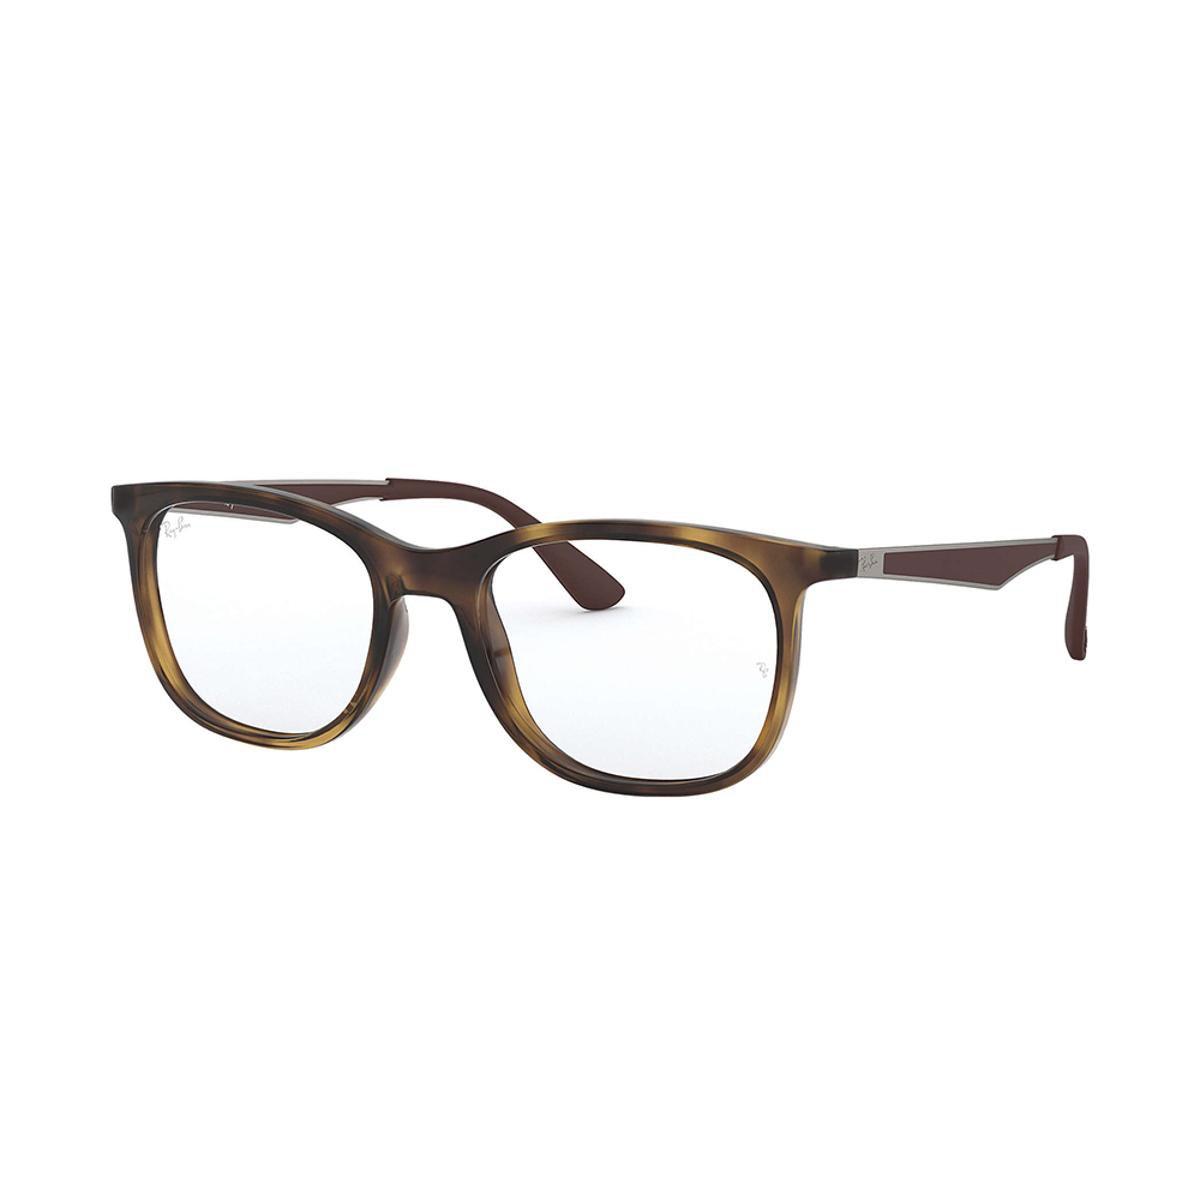 732d54039af99 Armação de Óculos Ray-Ban RB7078 Feminina - Marrom - Compre Agora ...